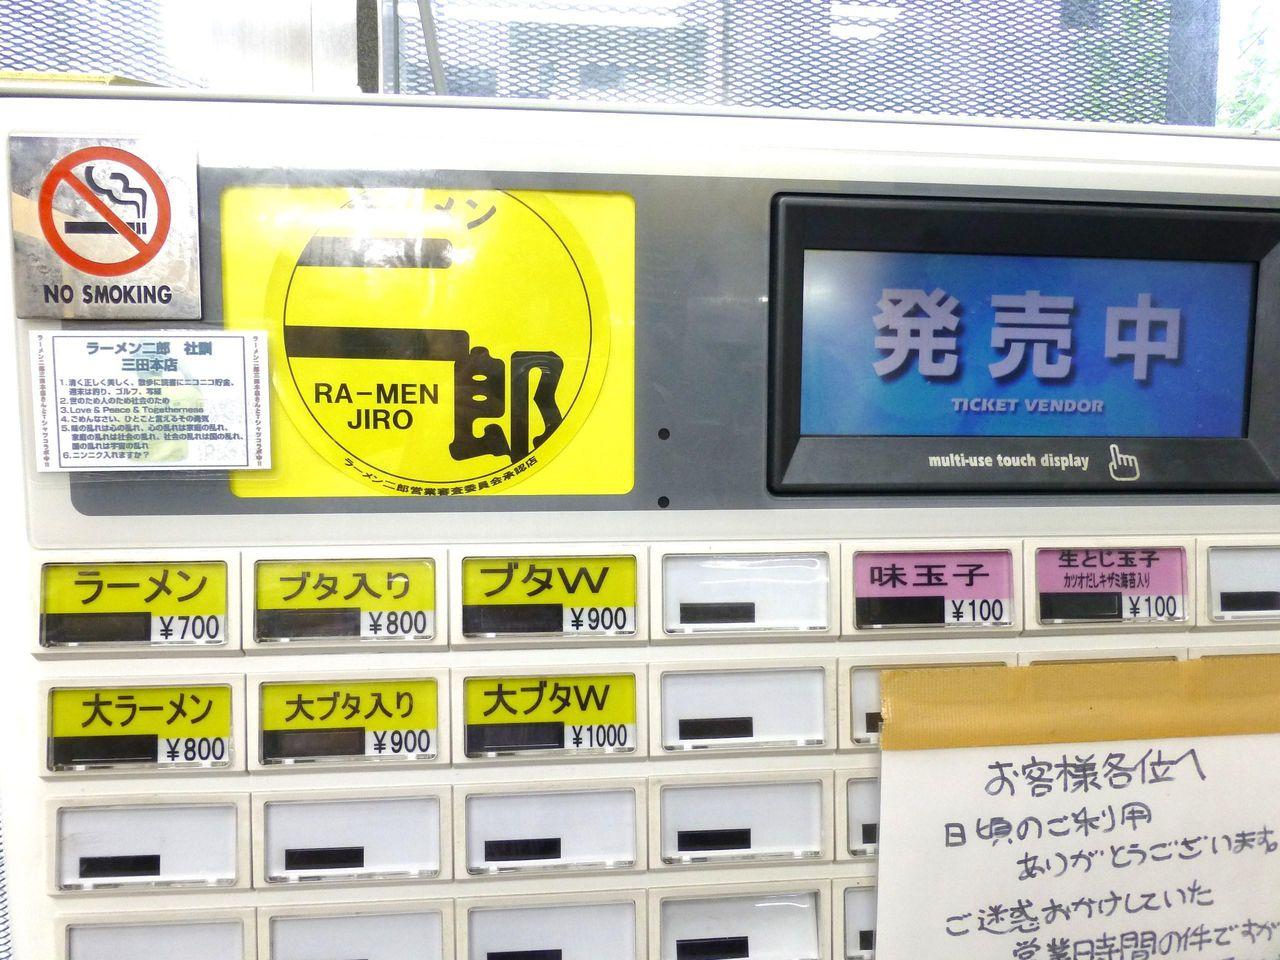 ラーメン二郎新橋店のメニュー(26年9月現在)